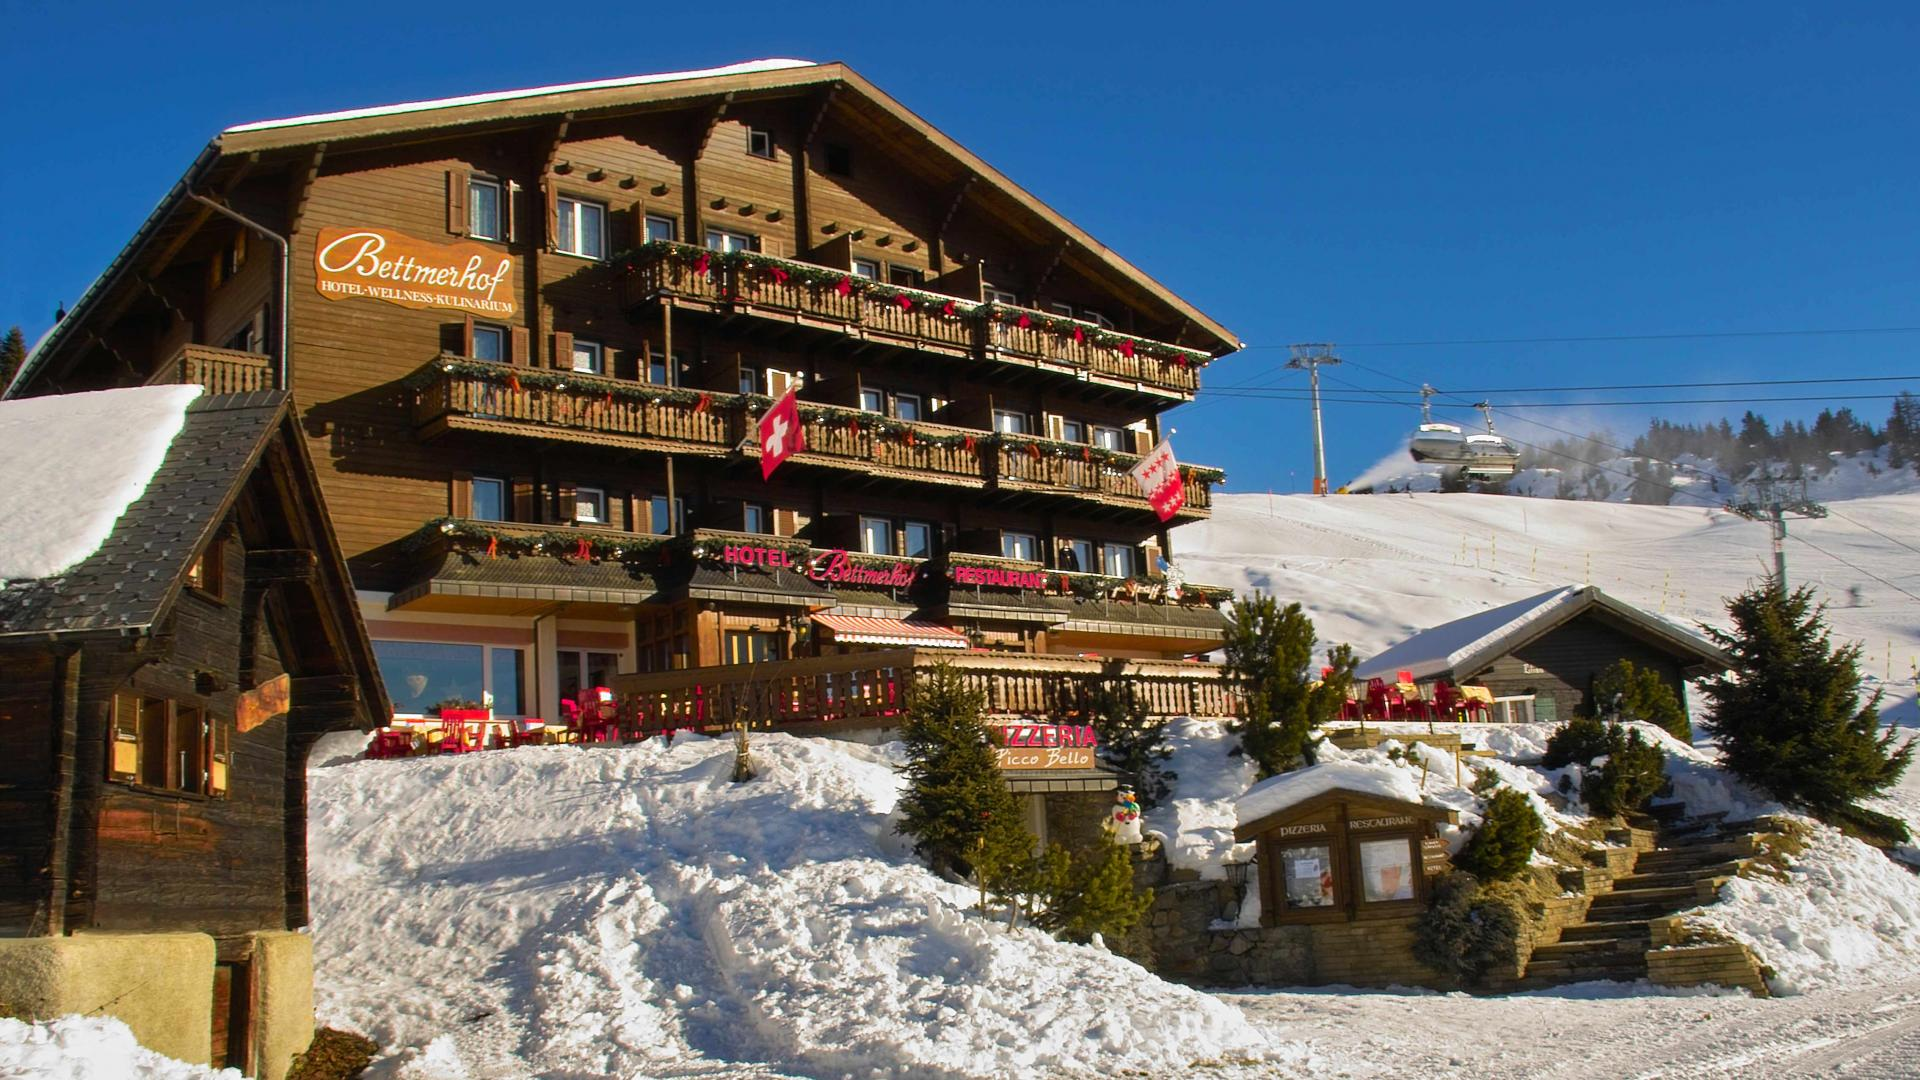 Hotel Bettmerhof, Valais